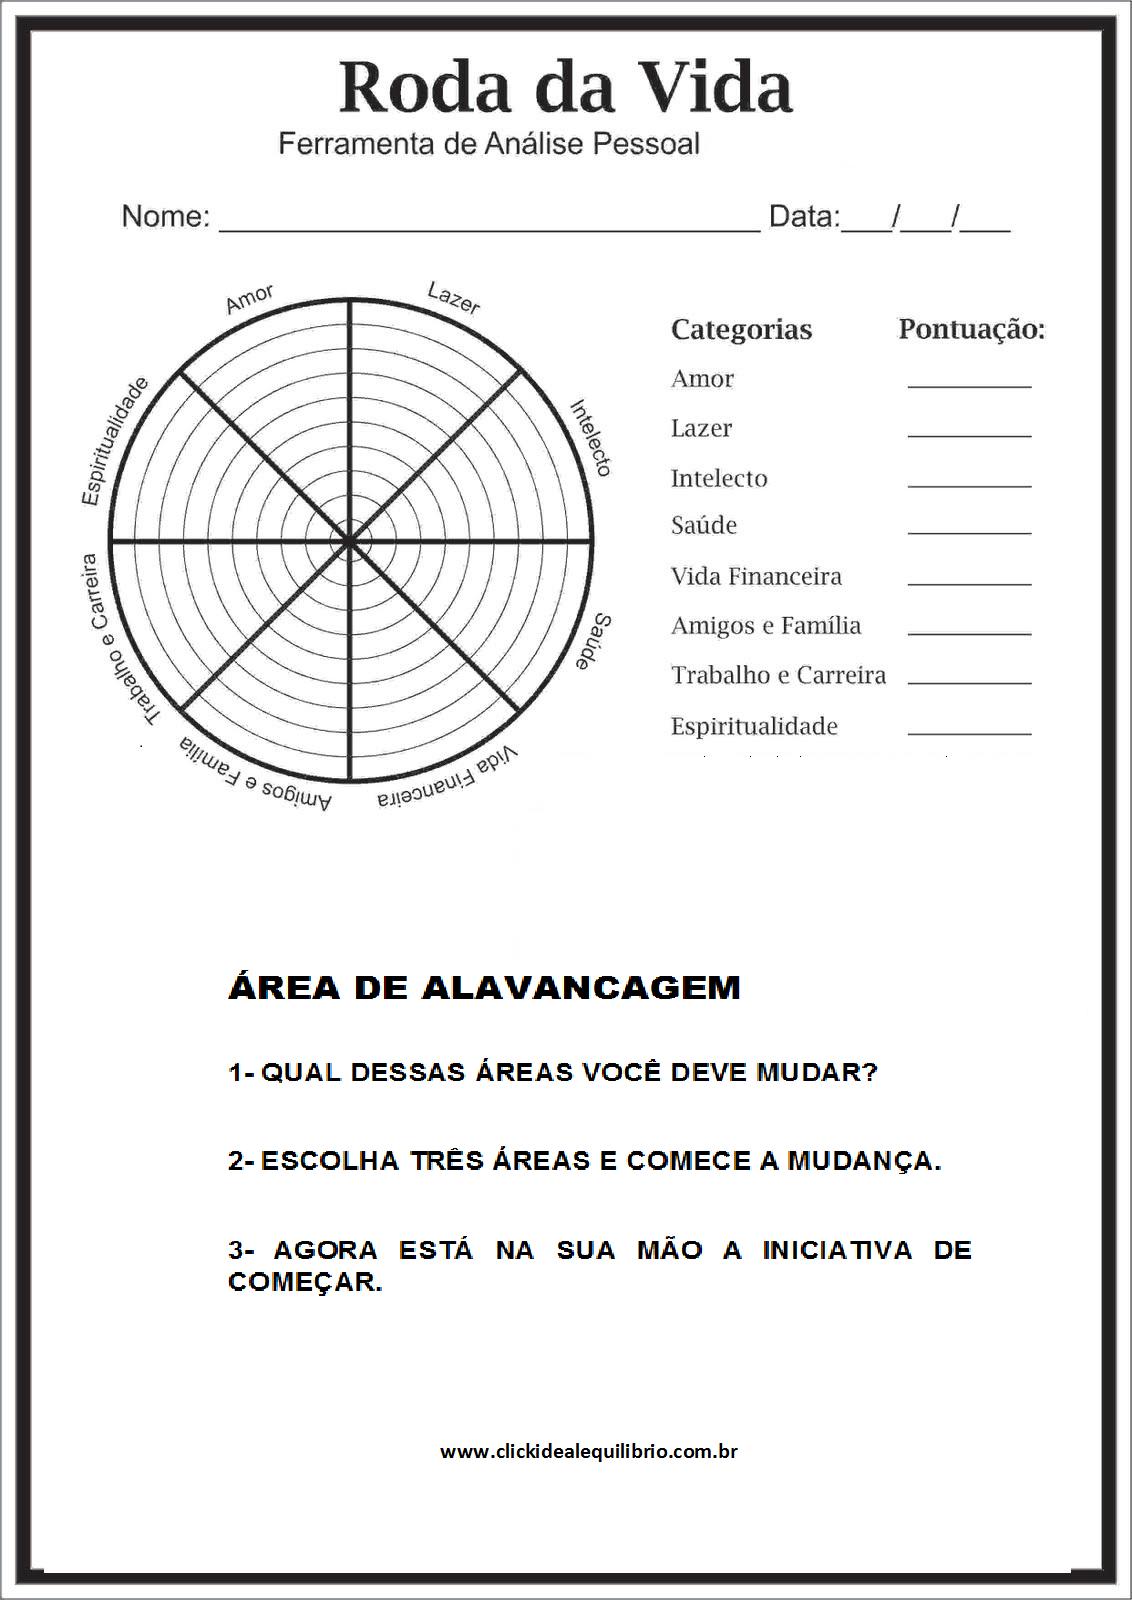 9a0c34c859e QUESTÕES PARA SEREM PONTUADAS DE 1 A 10